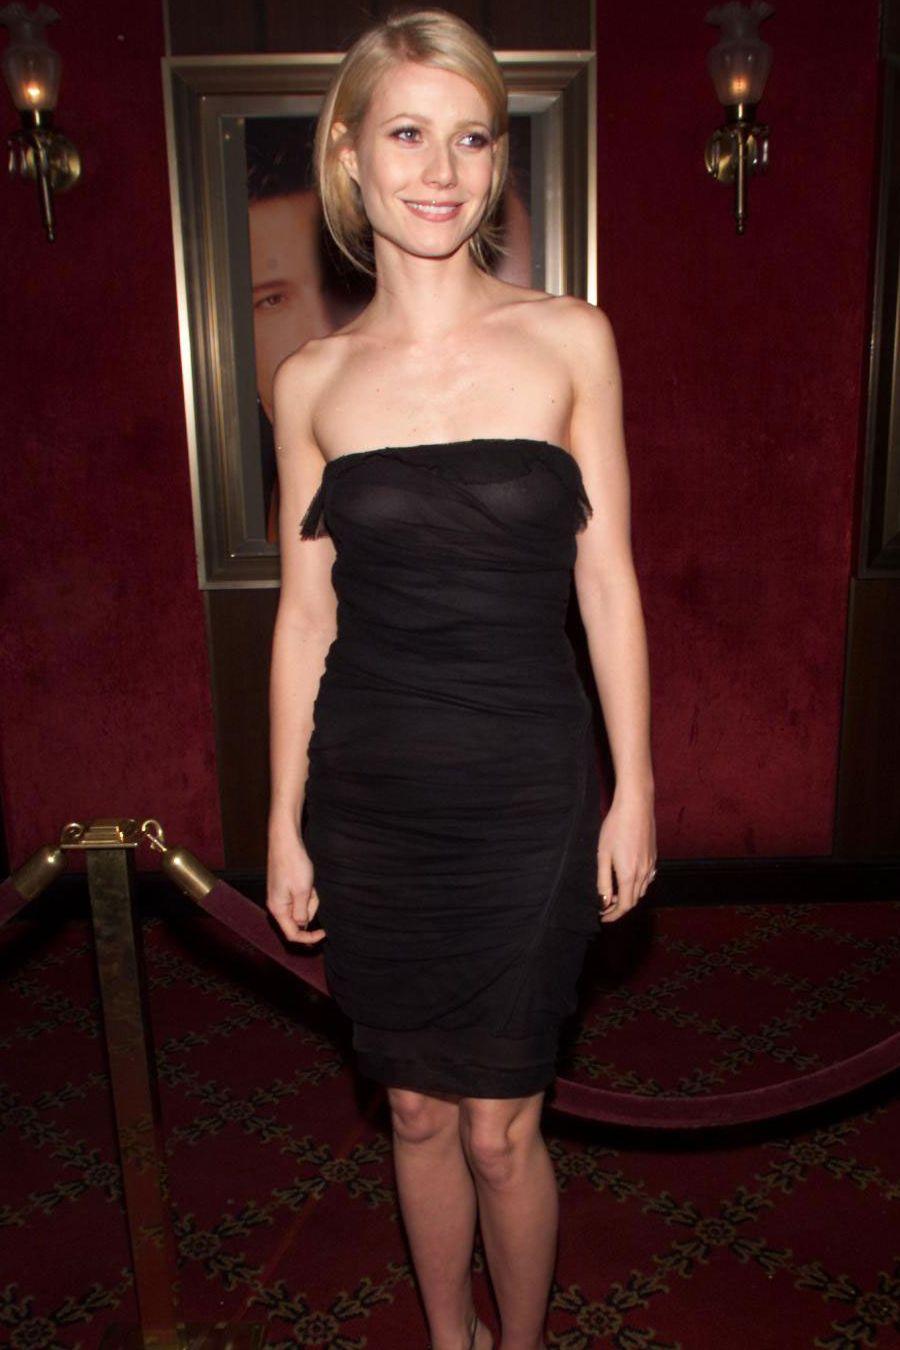 Gwyneth Paltrow, tháng 11 năm 2000 Gwyneth Paltrow đã đưa chiếc váy đen nhỏ lên một cấp độ hoàn toàn mới tại buổi ra mắt Bounce năm 2000. Ngôi sao đã chọn cho mình một phiên bản quây, dài đến đầu gối và cổ điển.